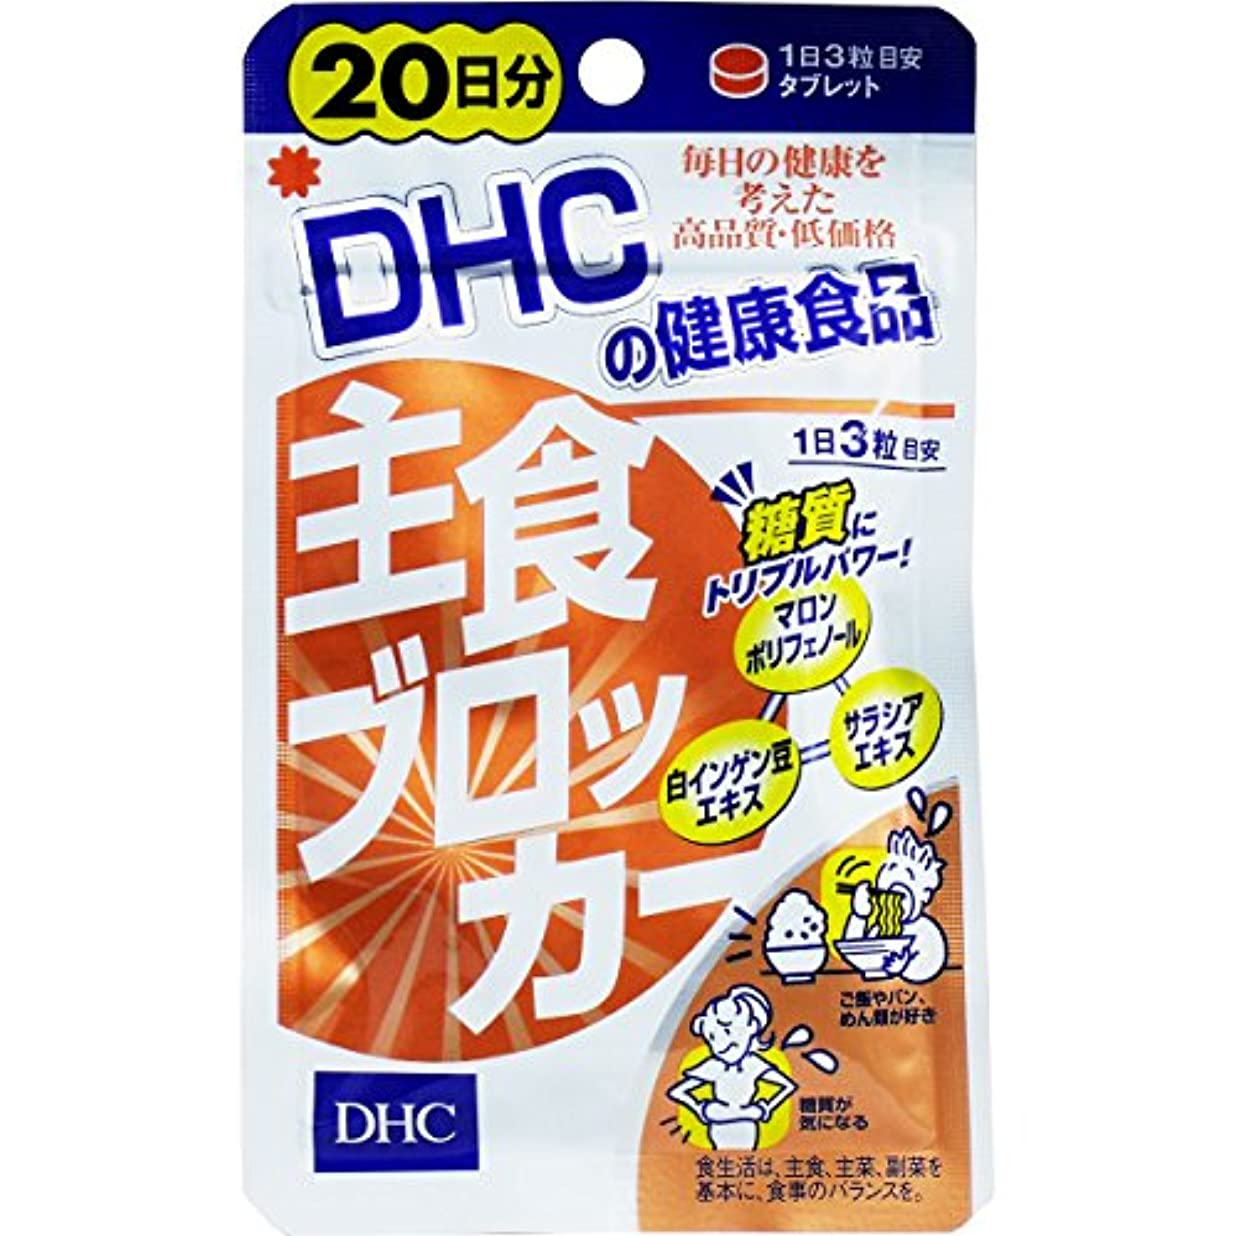 体操選手リール朝食を食べるサプリ 主食好きさんの、健康とダイエットに 話題の DHC 主食ブロッカー 20日分 60粒入